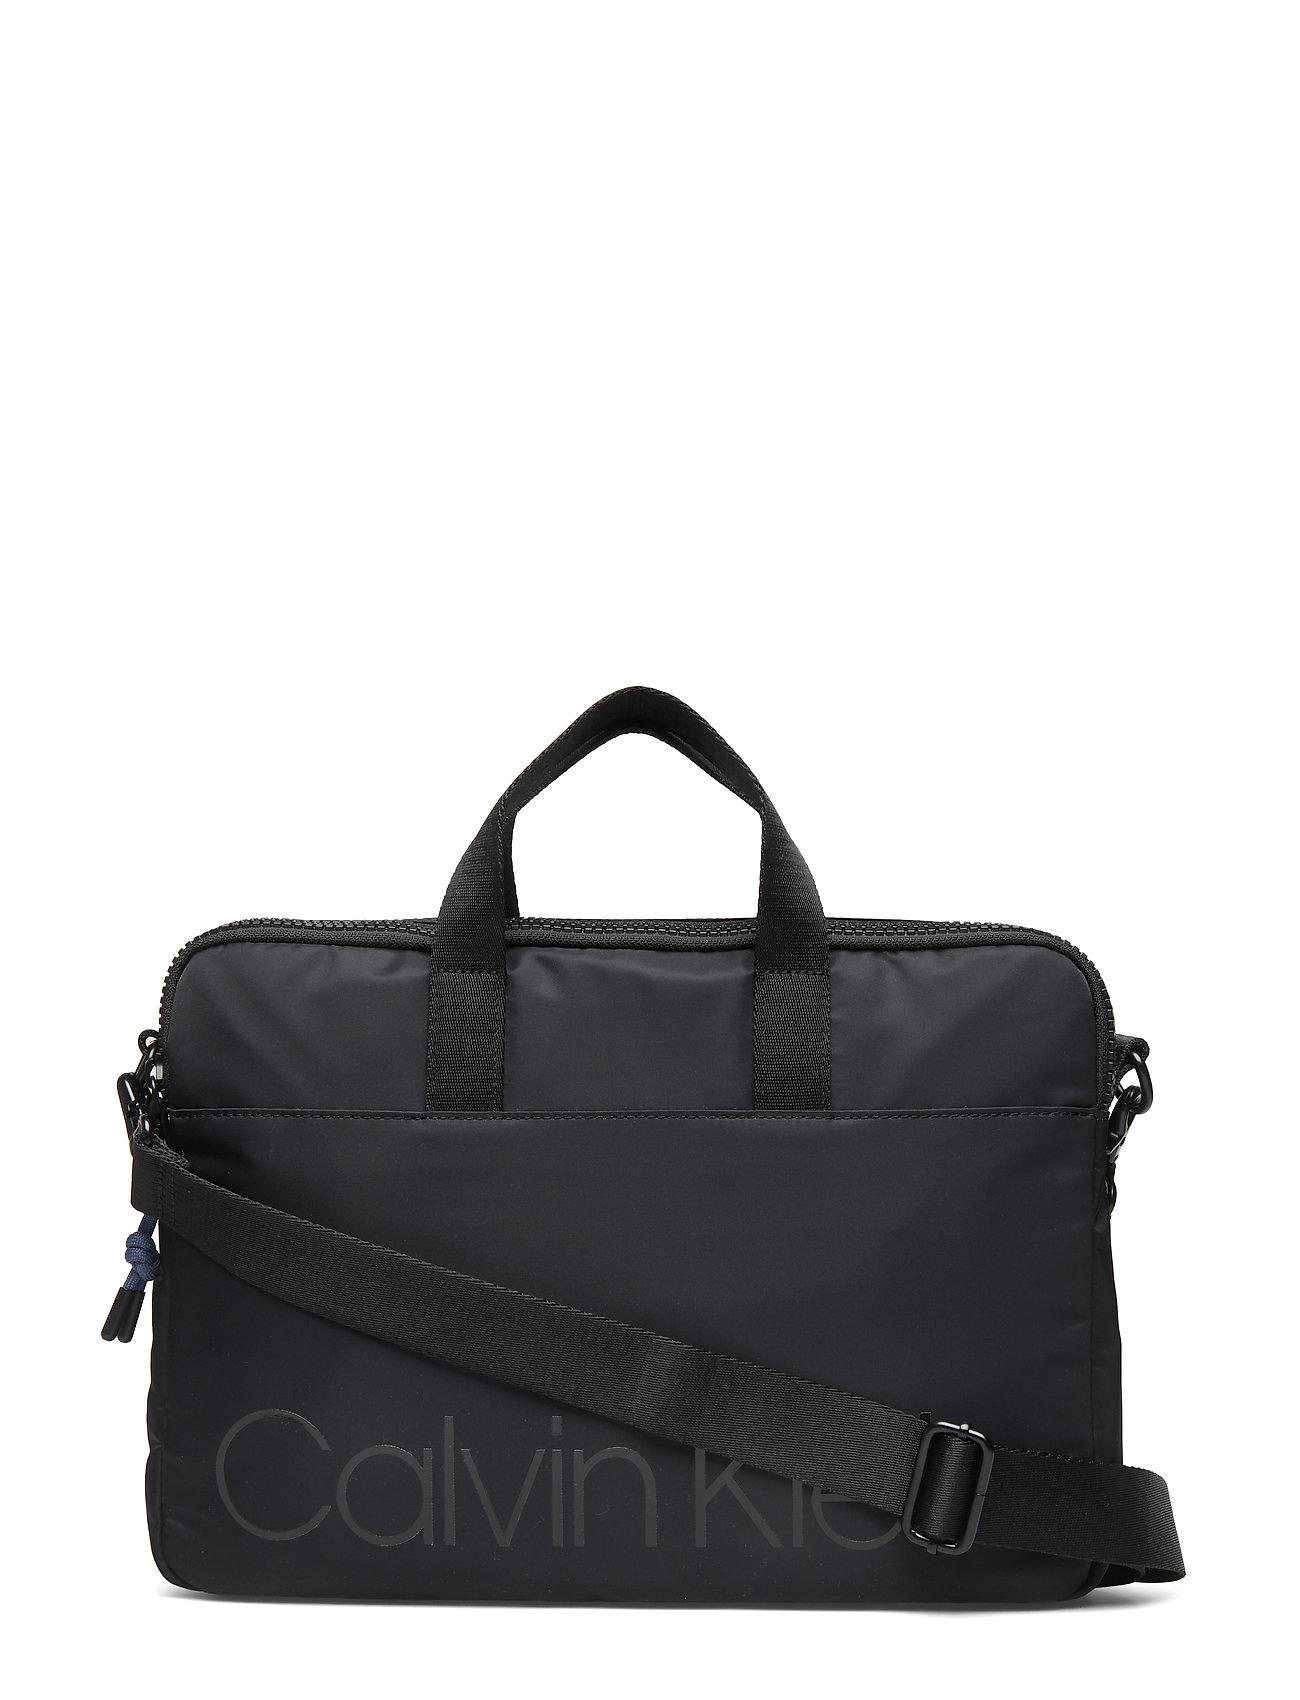 CALVIN KLEIN Trail Slim Laptop Ba Laptop-Tasche Tasche Schwarz CALVIN KLEIN